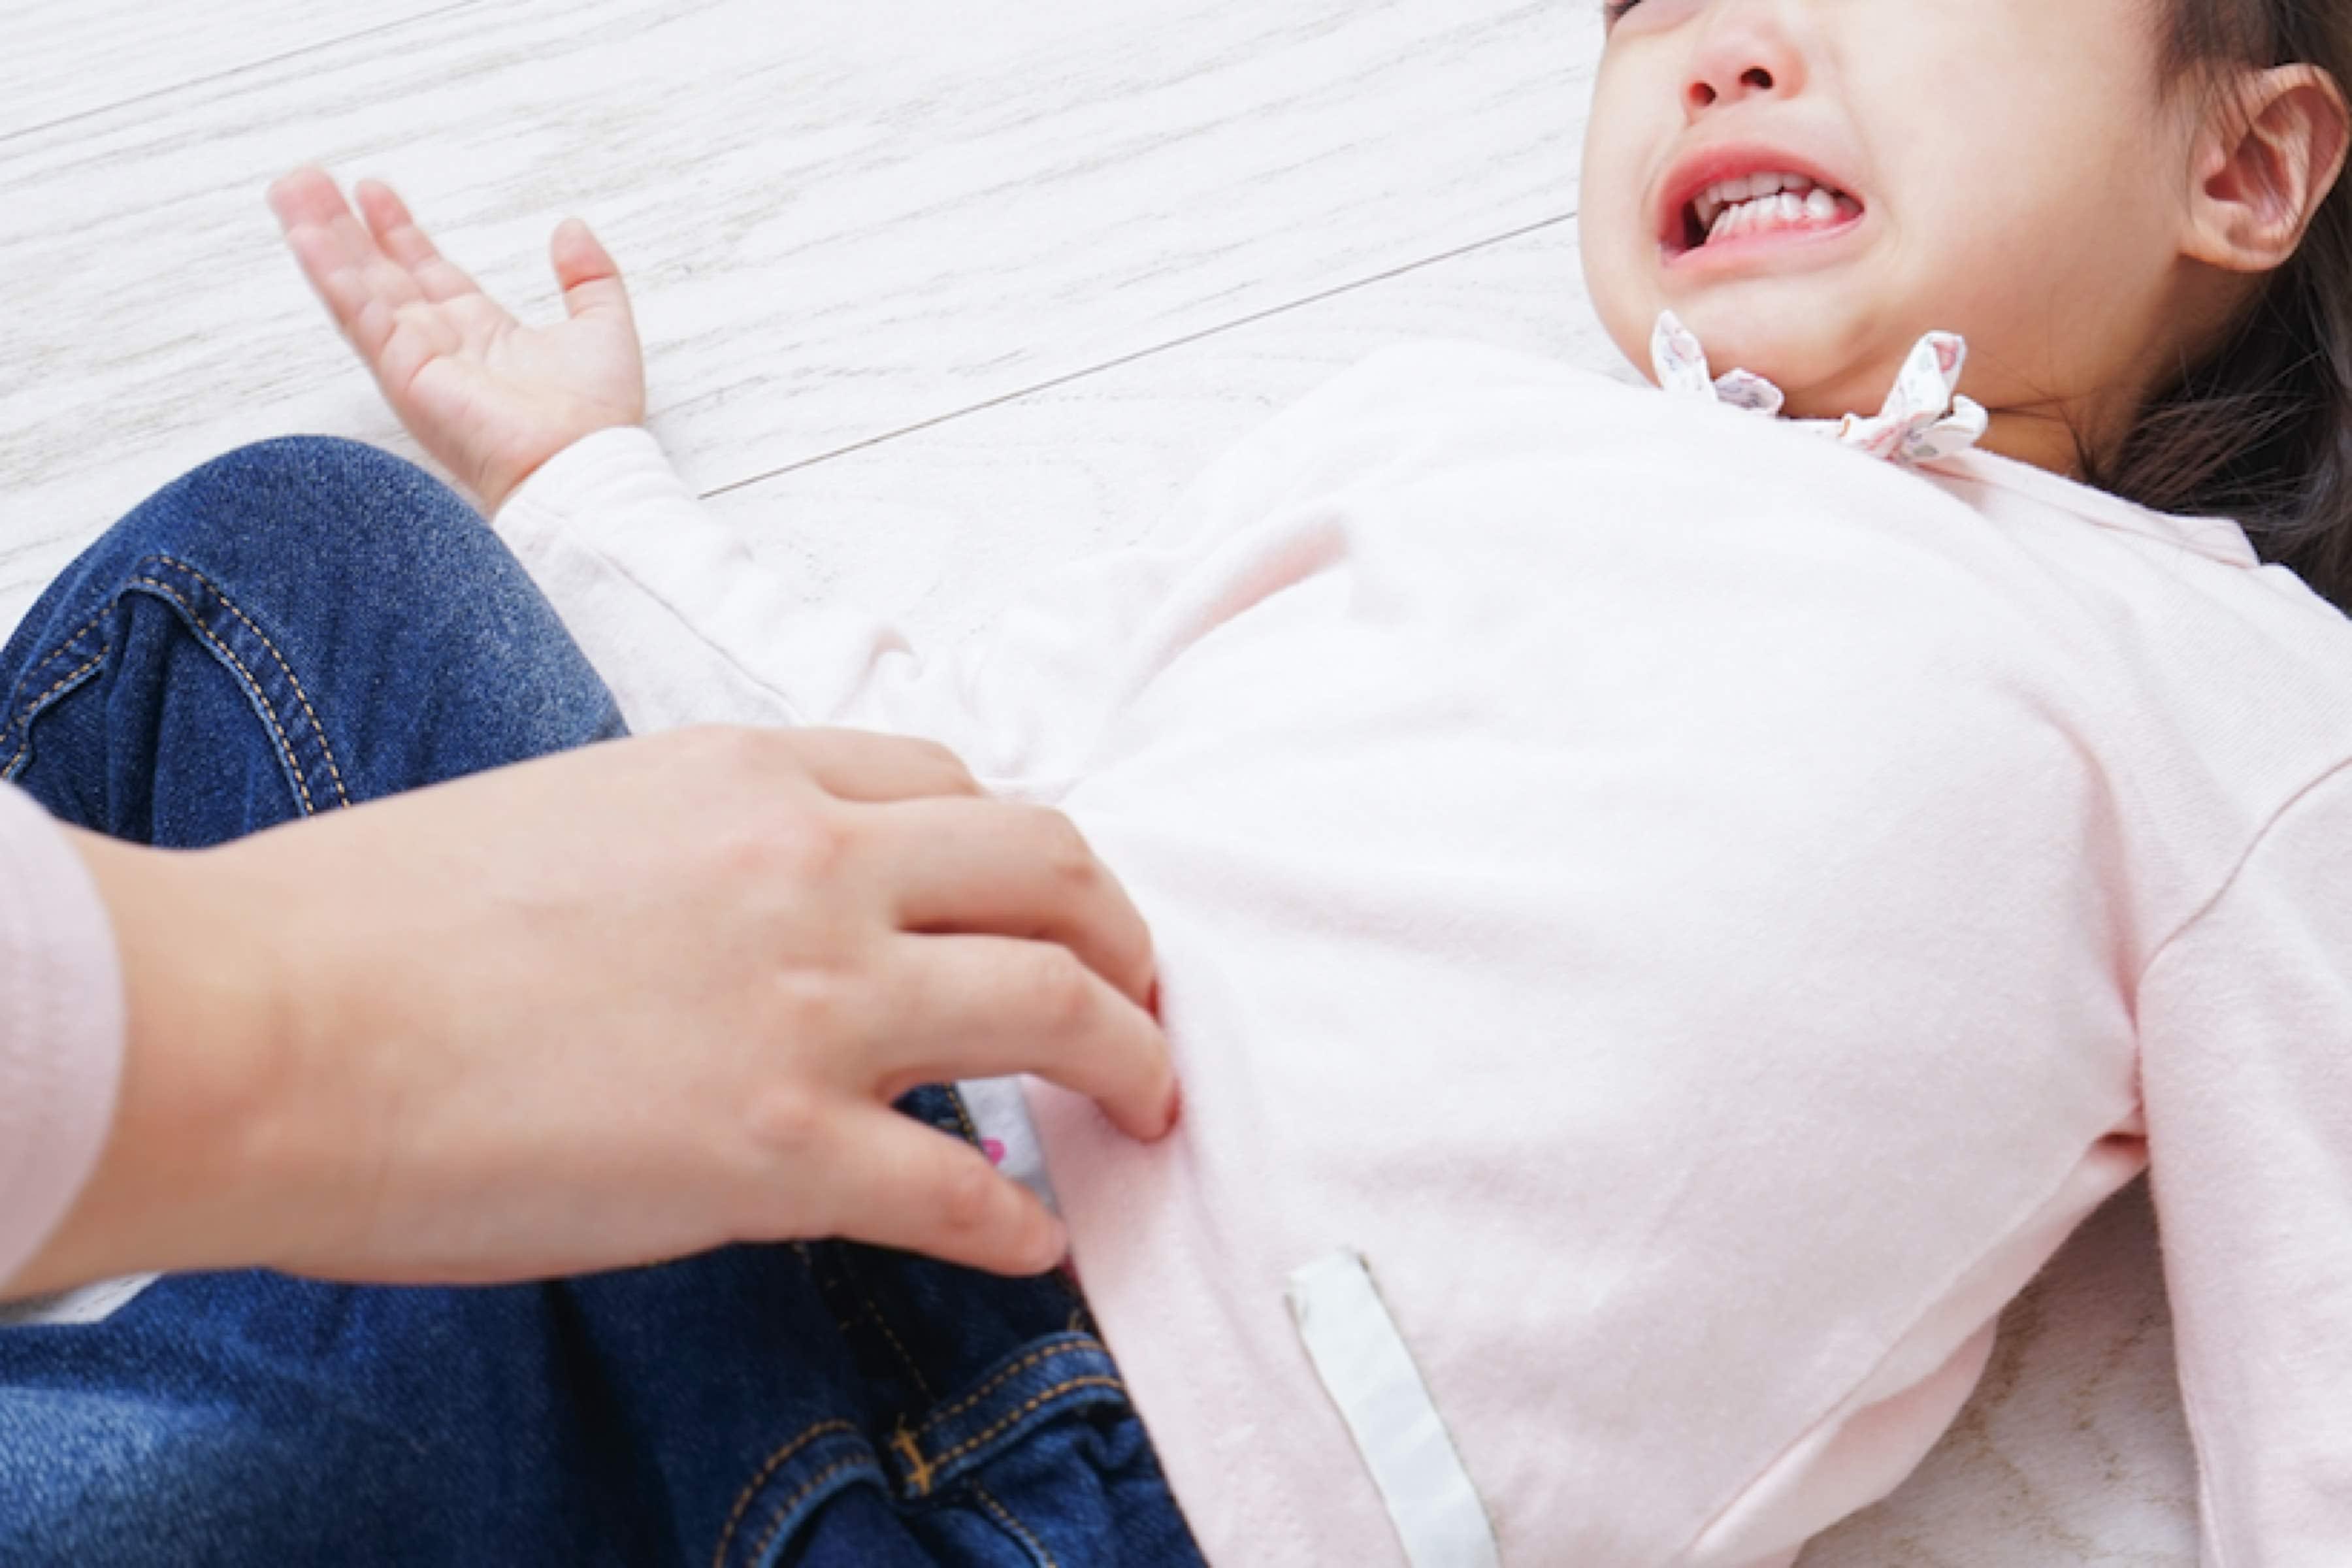 2歳女児虐待死、父親に性的暴行の疑いも 「鬼畜」「胸クソ悪い」と非難 ...